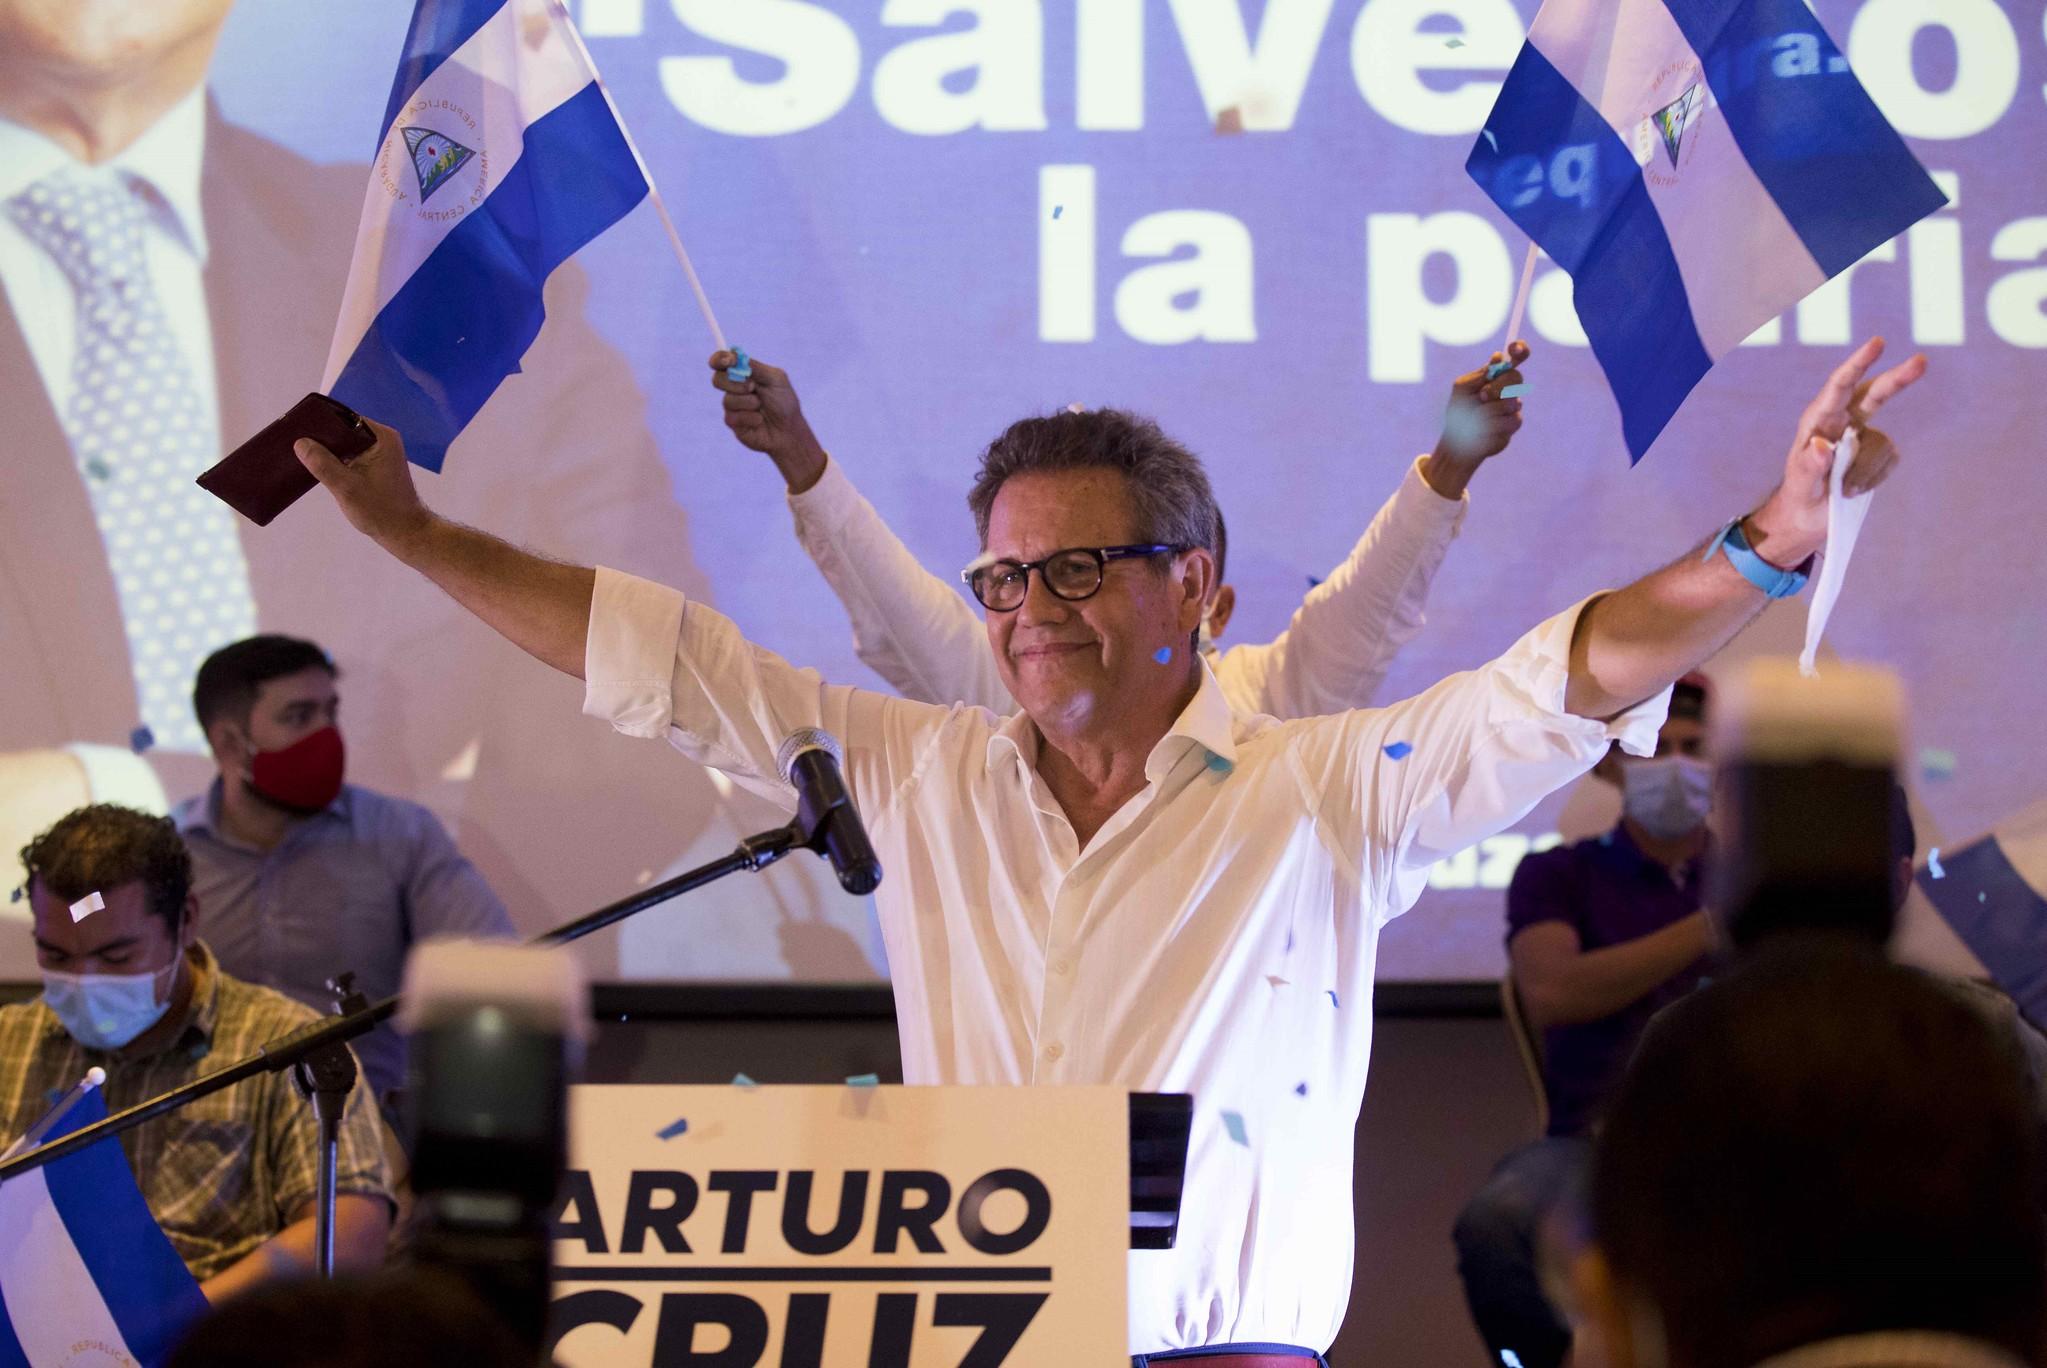 La CIDH condenó la detención del opositor nicaragüense Arturo Cruz por parte del gobierno de Ortega